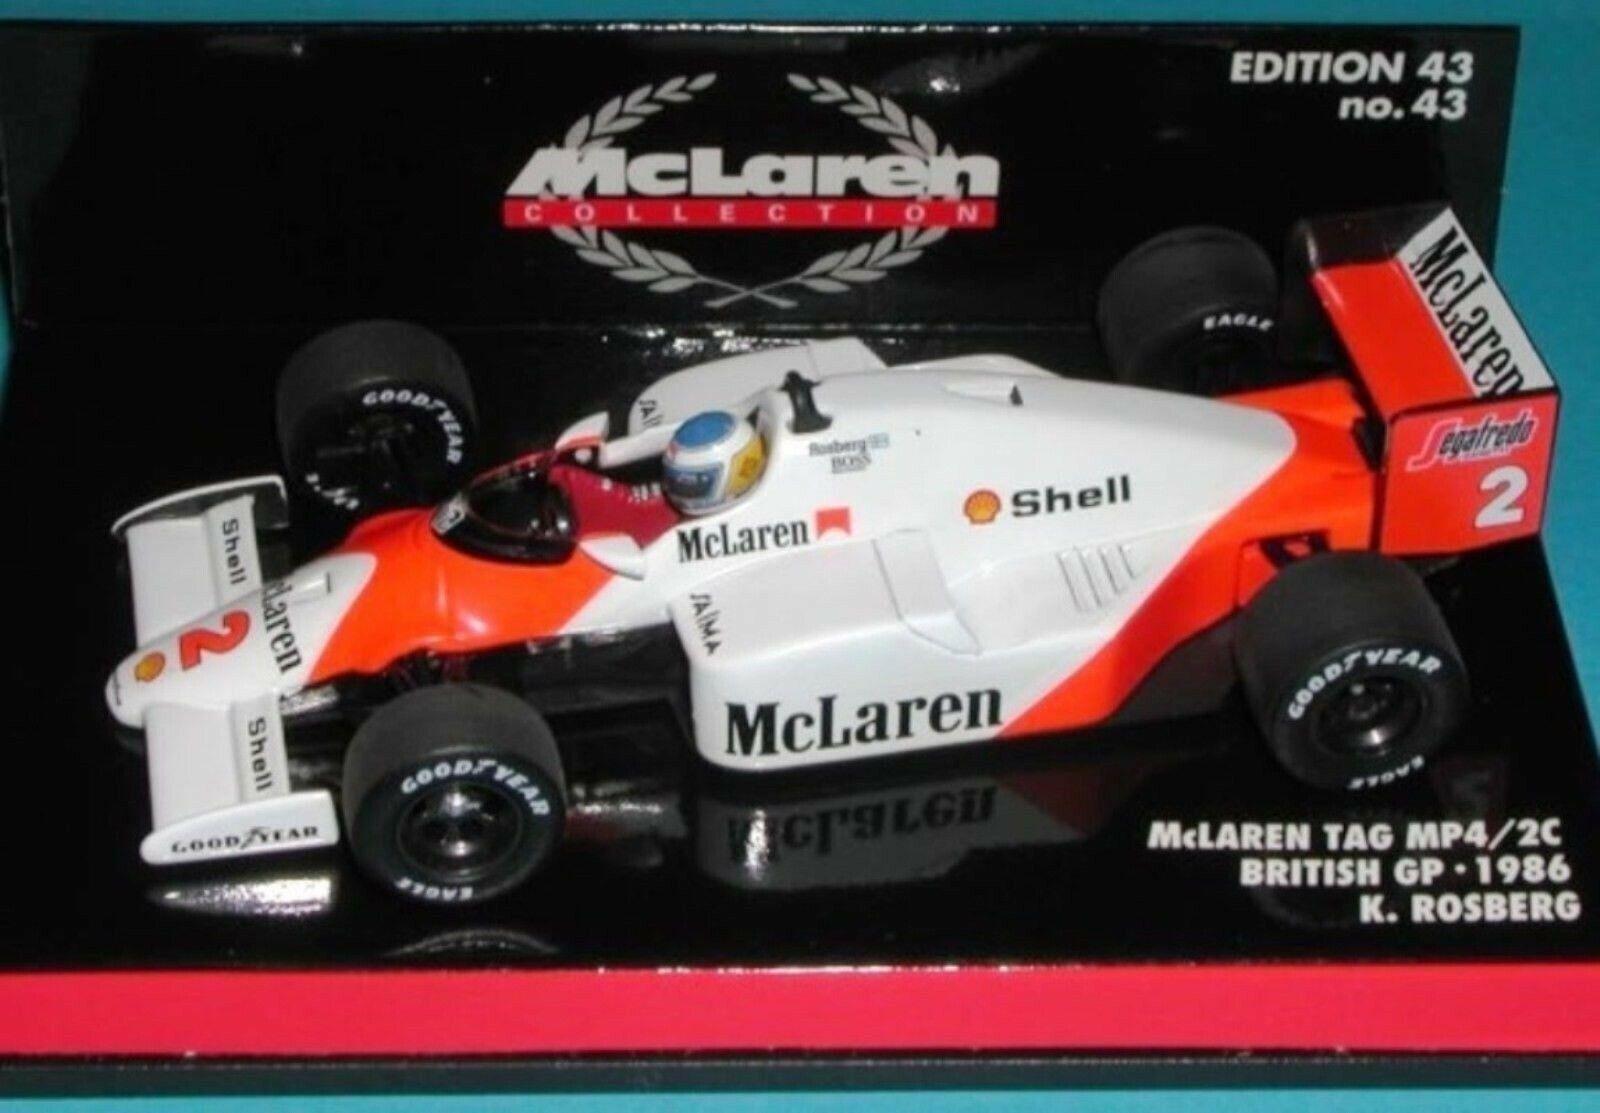 Wow extrêmement rare McLaren 1986 étiquette MP4 2C Rosberg British Gp 1 43 Minichamps